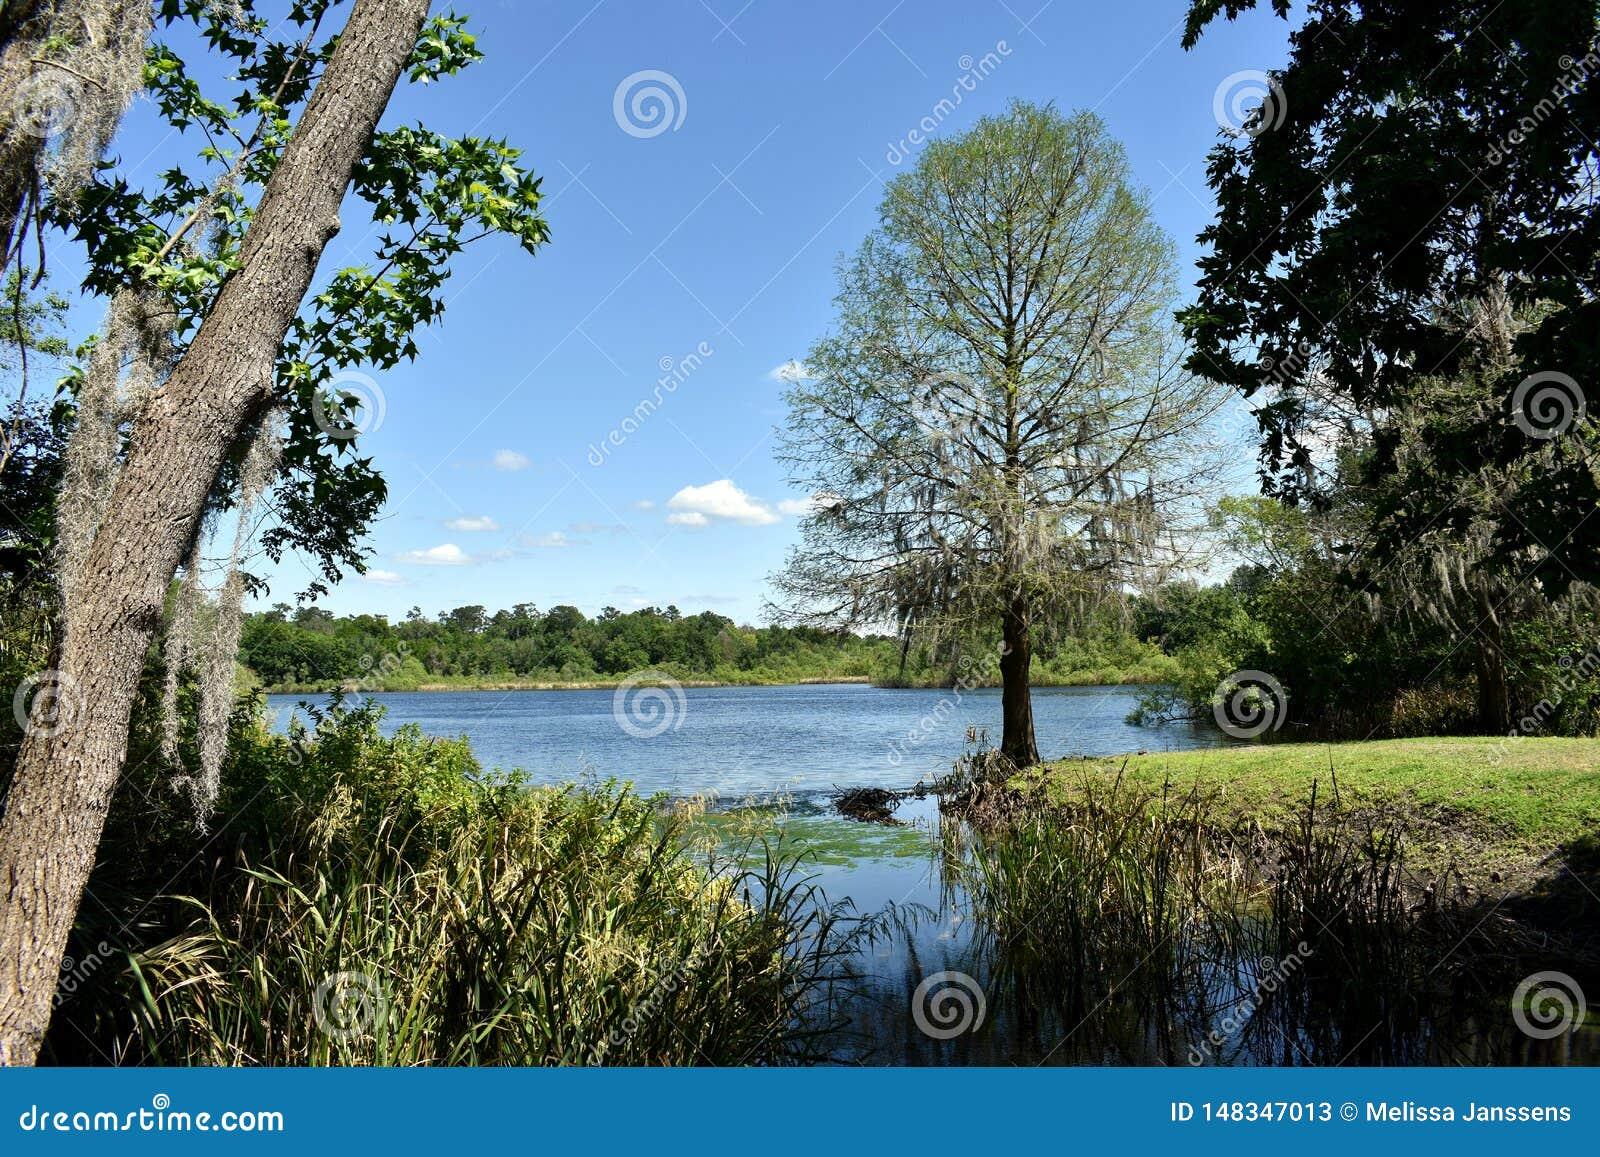 Ajuste id?lico do livro da hist?ria da ?rvore que negligencia um lago perto da universidade de Florida em Gainesville, Florida